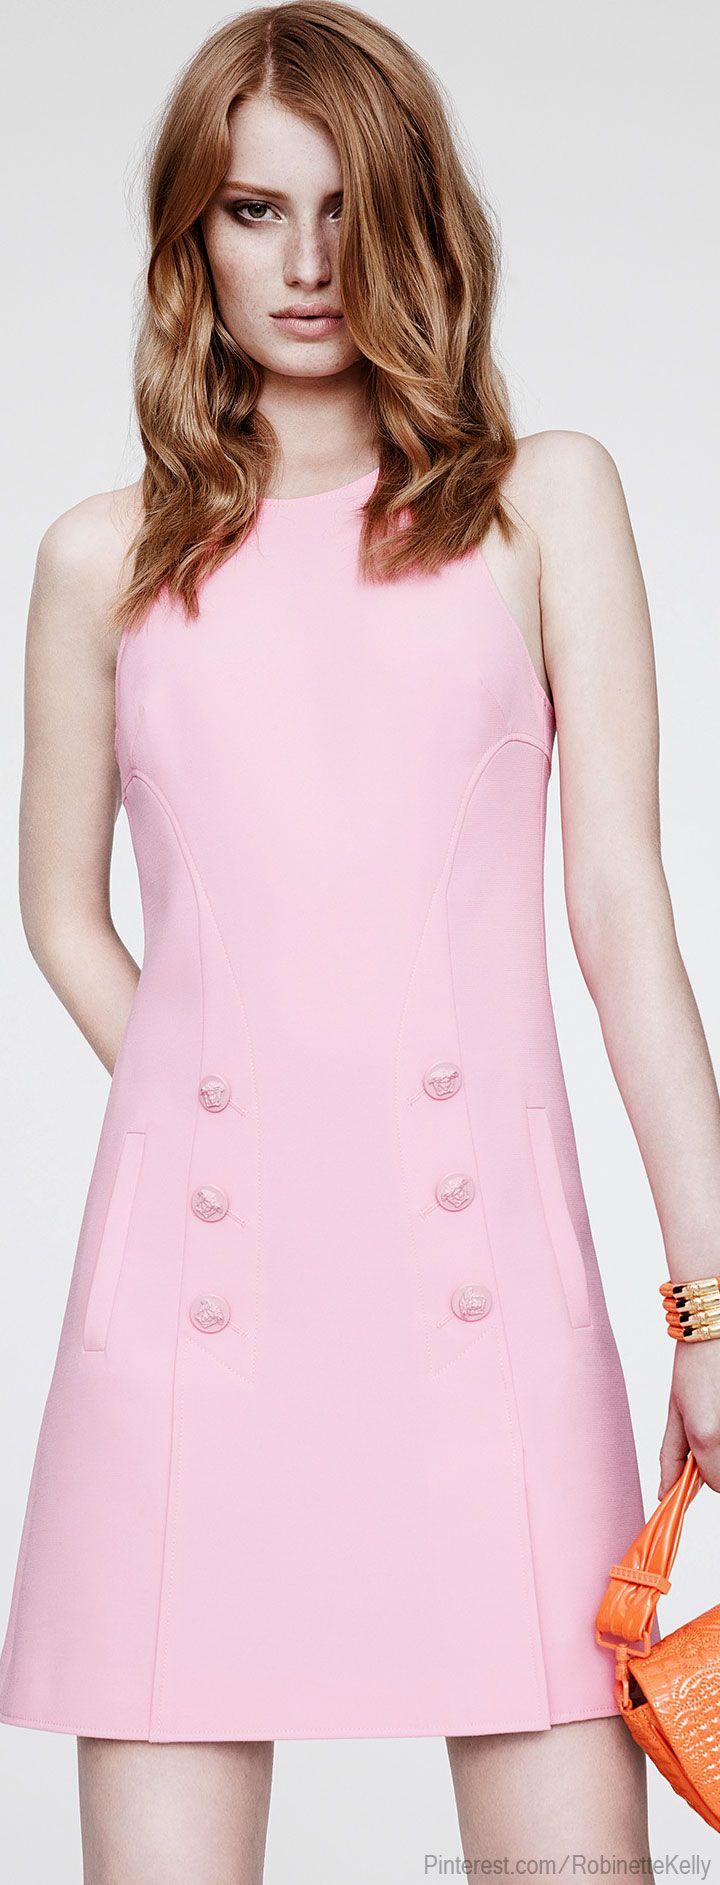 ROSITA. ♥ | Moda en tendencia | Pinterest | Rosas, Vestiditos y ...